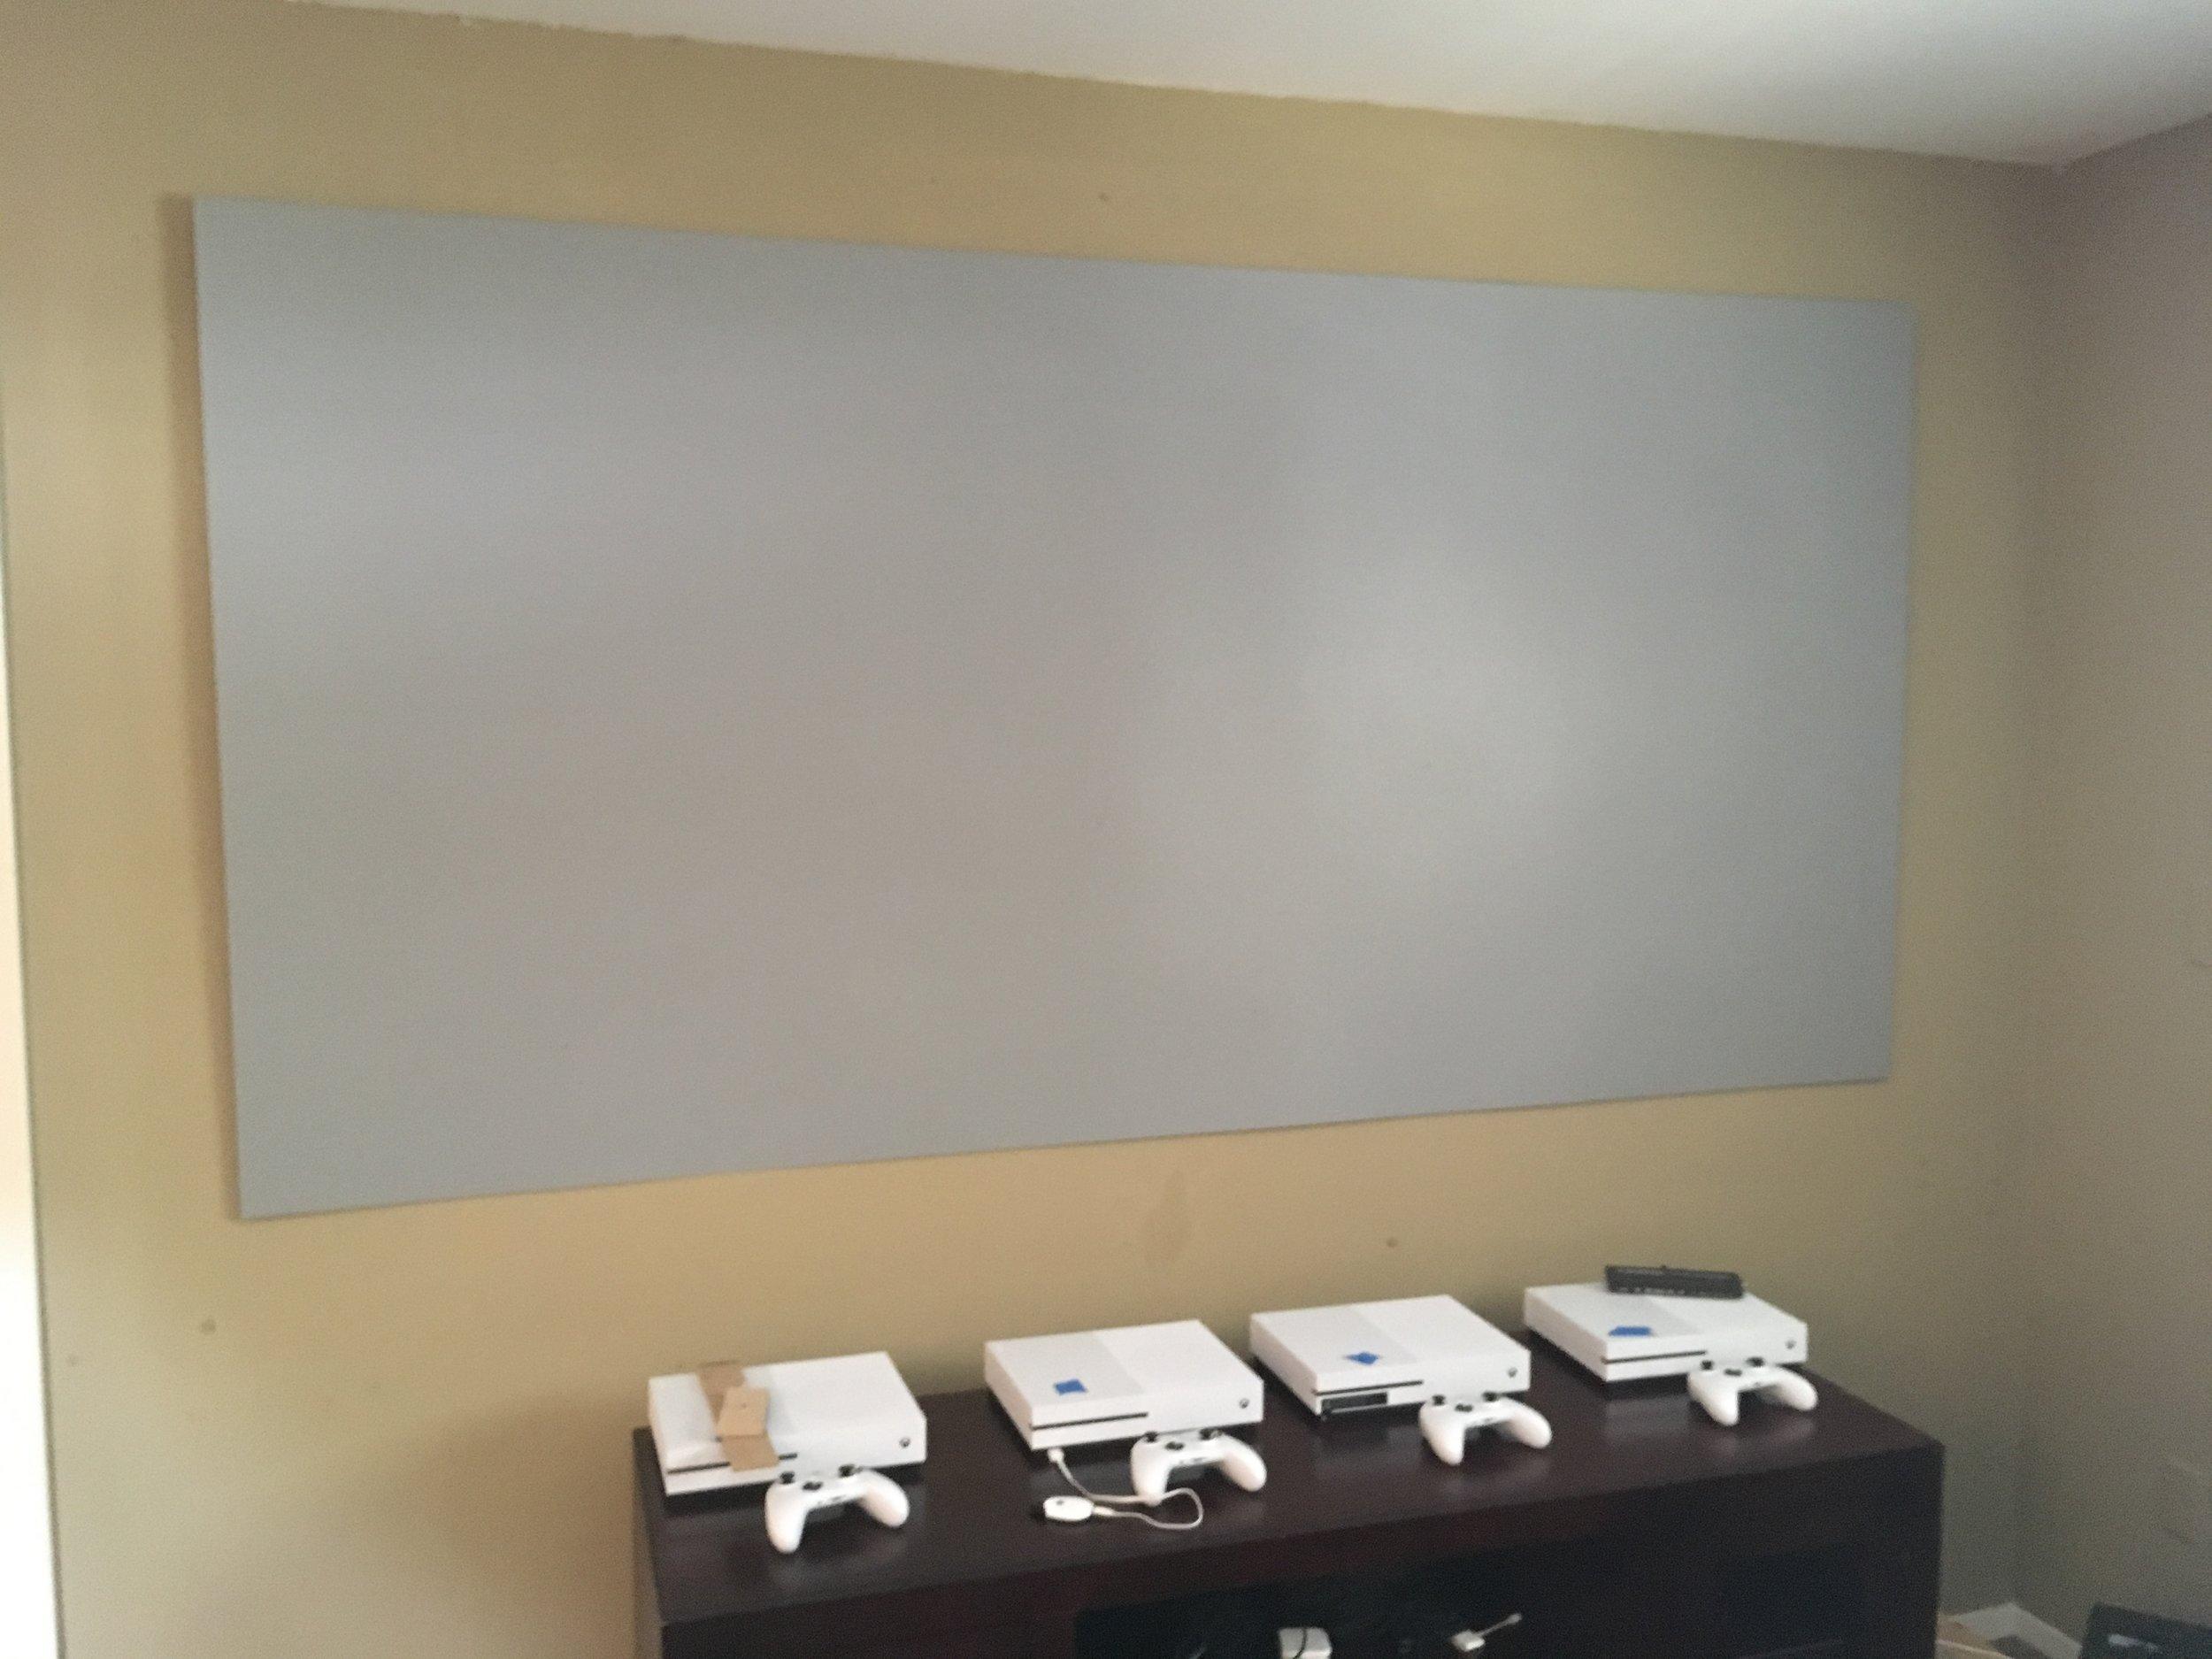 96 inch screen in flat mode